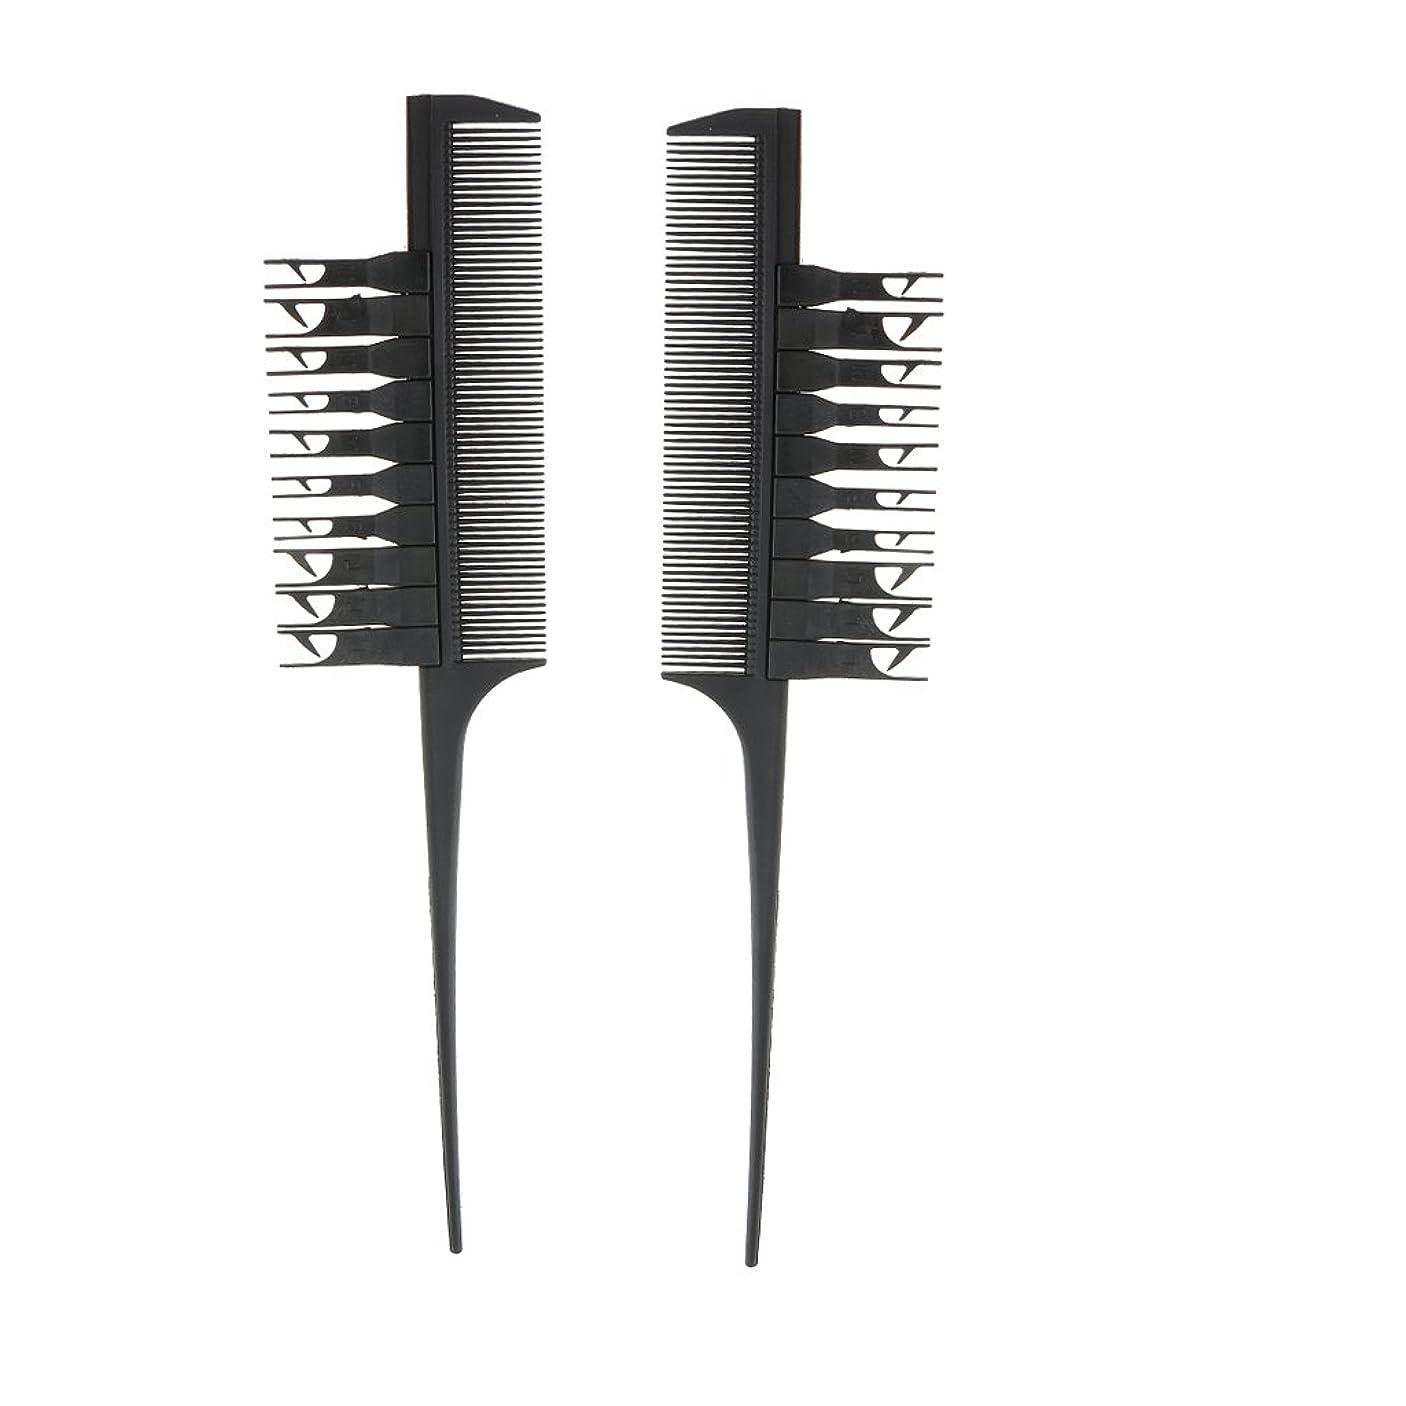 表示練習した上げるBlesiya 2個入り 実用 高品質 ヘアダイブラシ ヘアカラーリング コーム 櫛(ブラック)